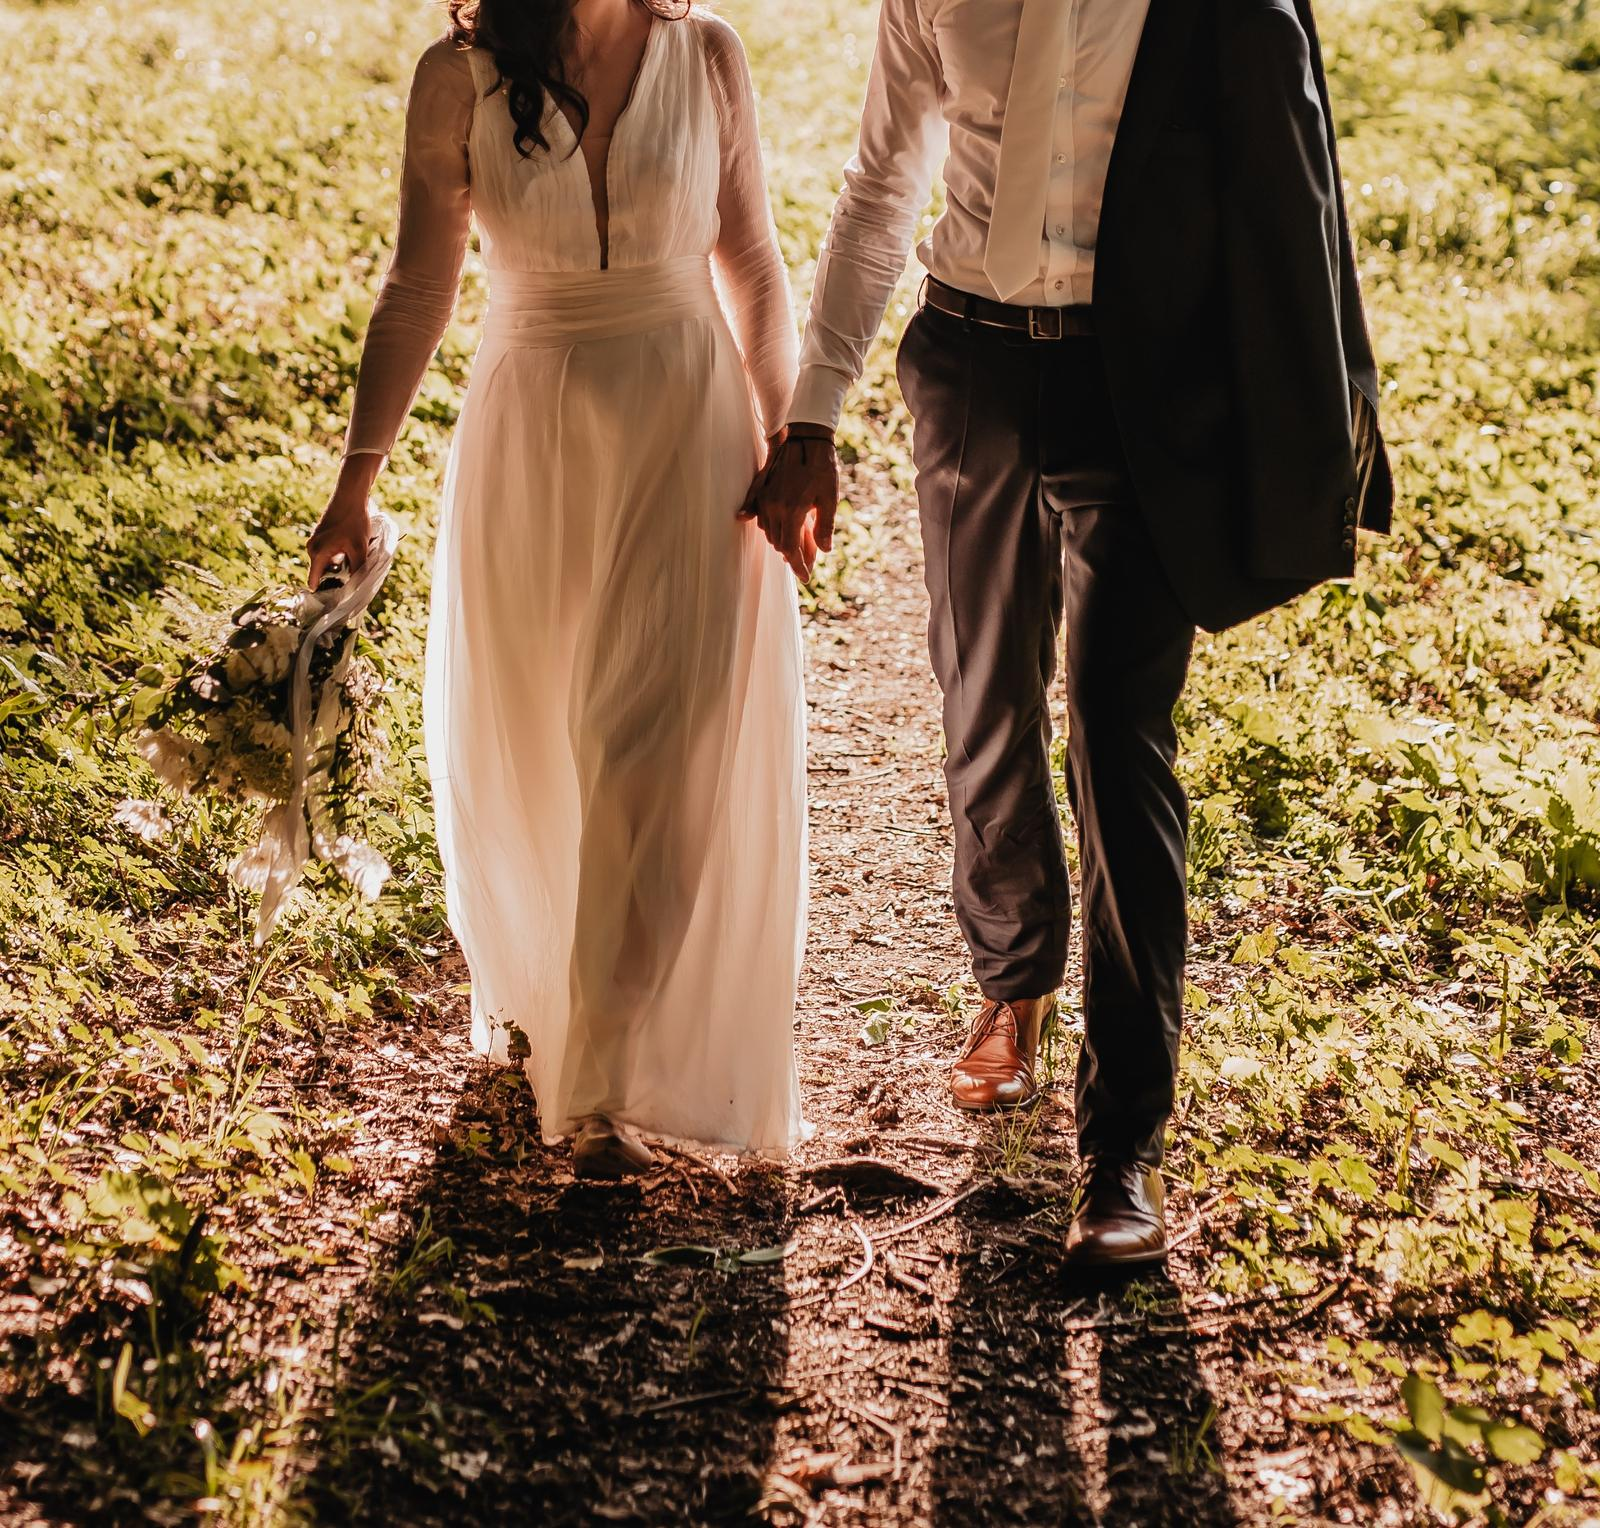 Svatební šaty z hedvábí - Obrázek č. 3